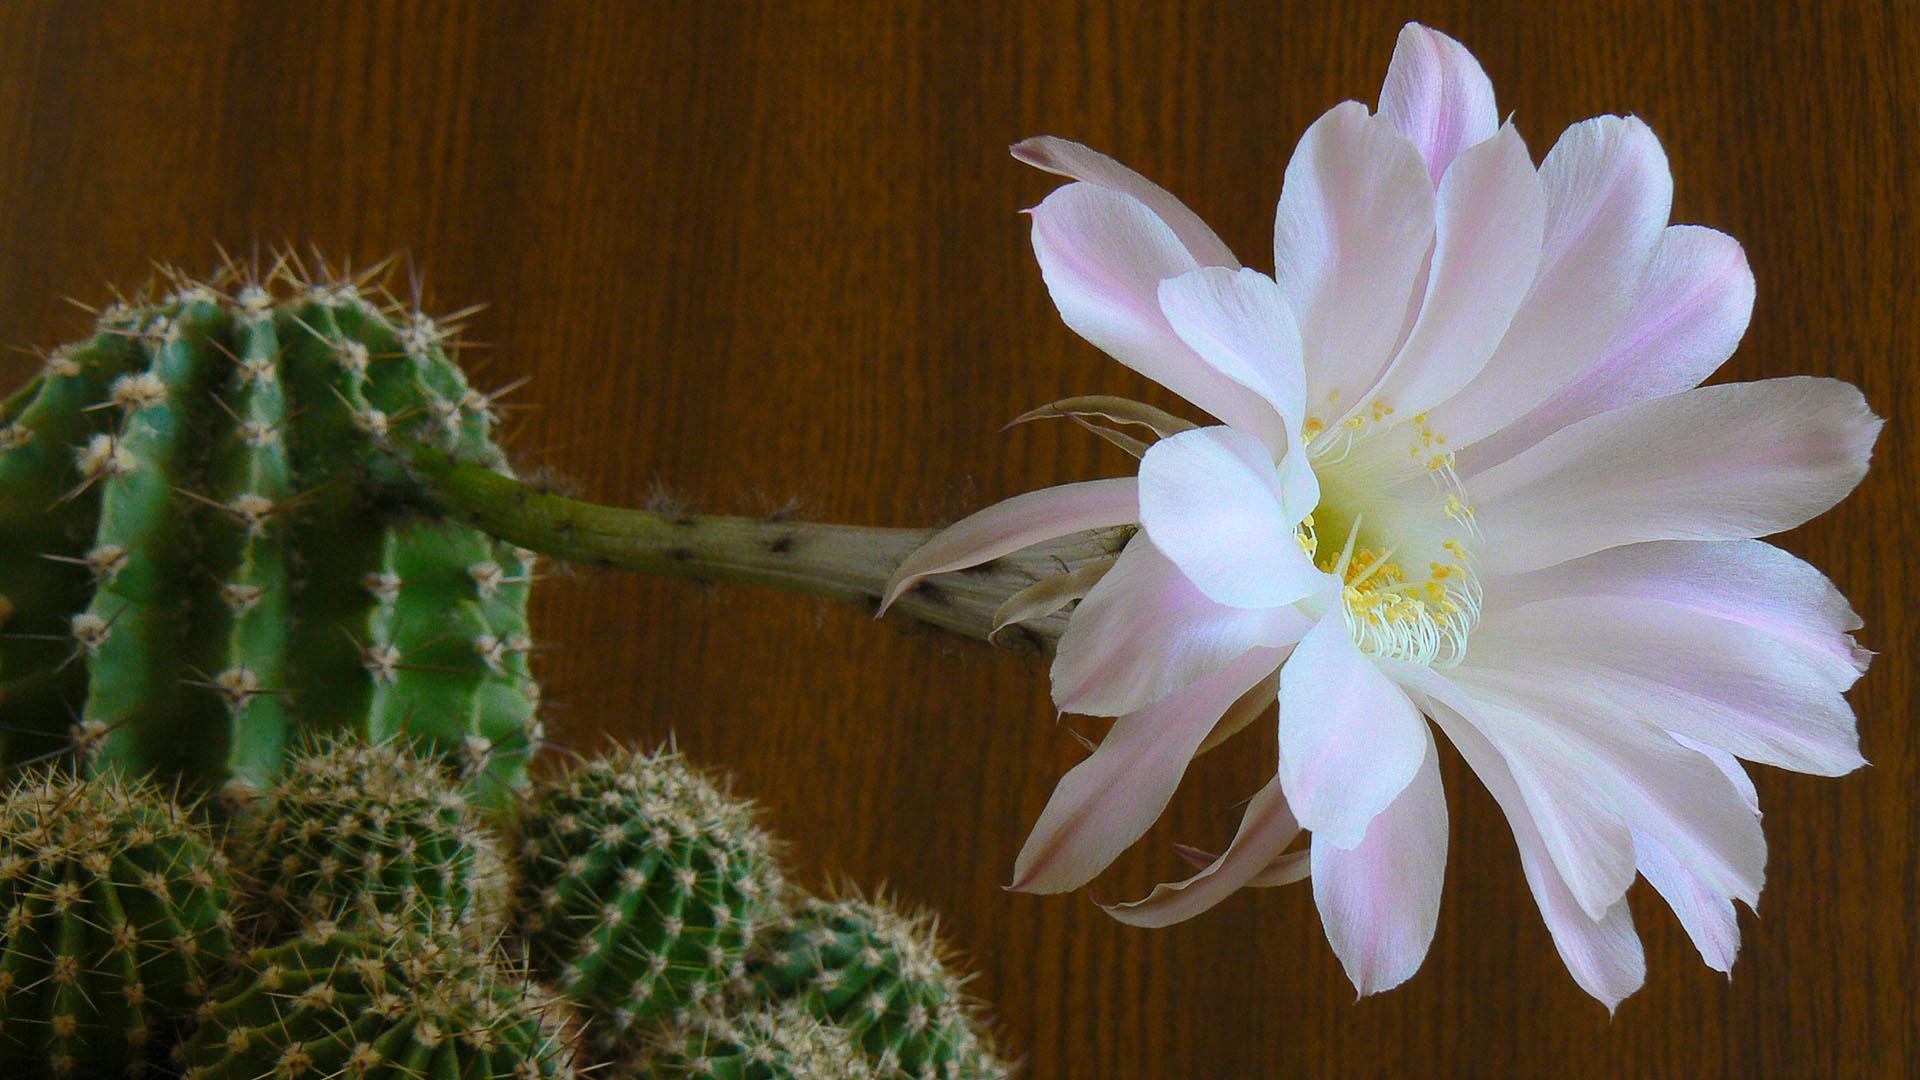 без ограничений фото цветения кактусов с названиями девушка фотографии эскизы